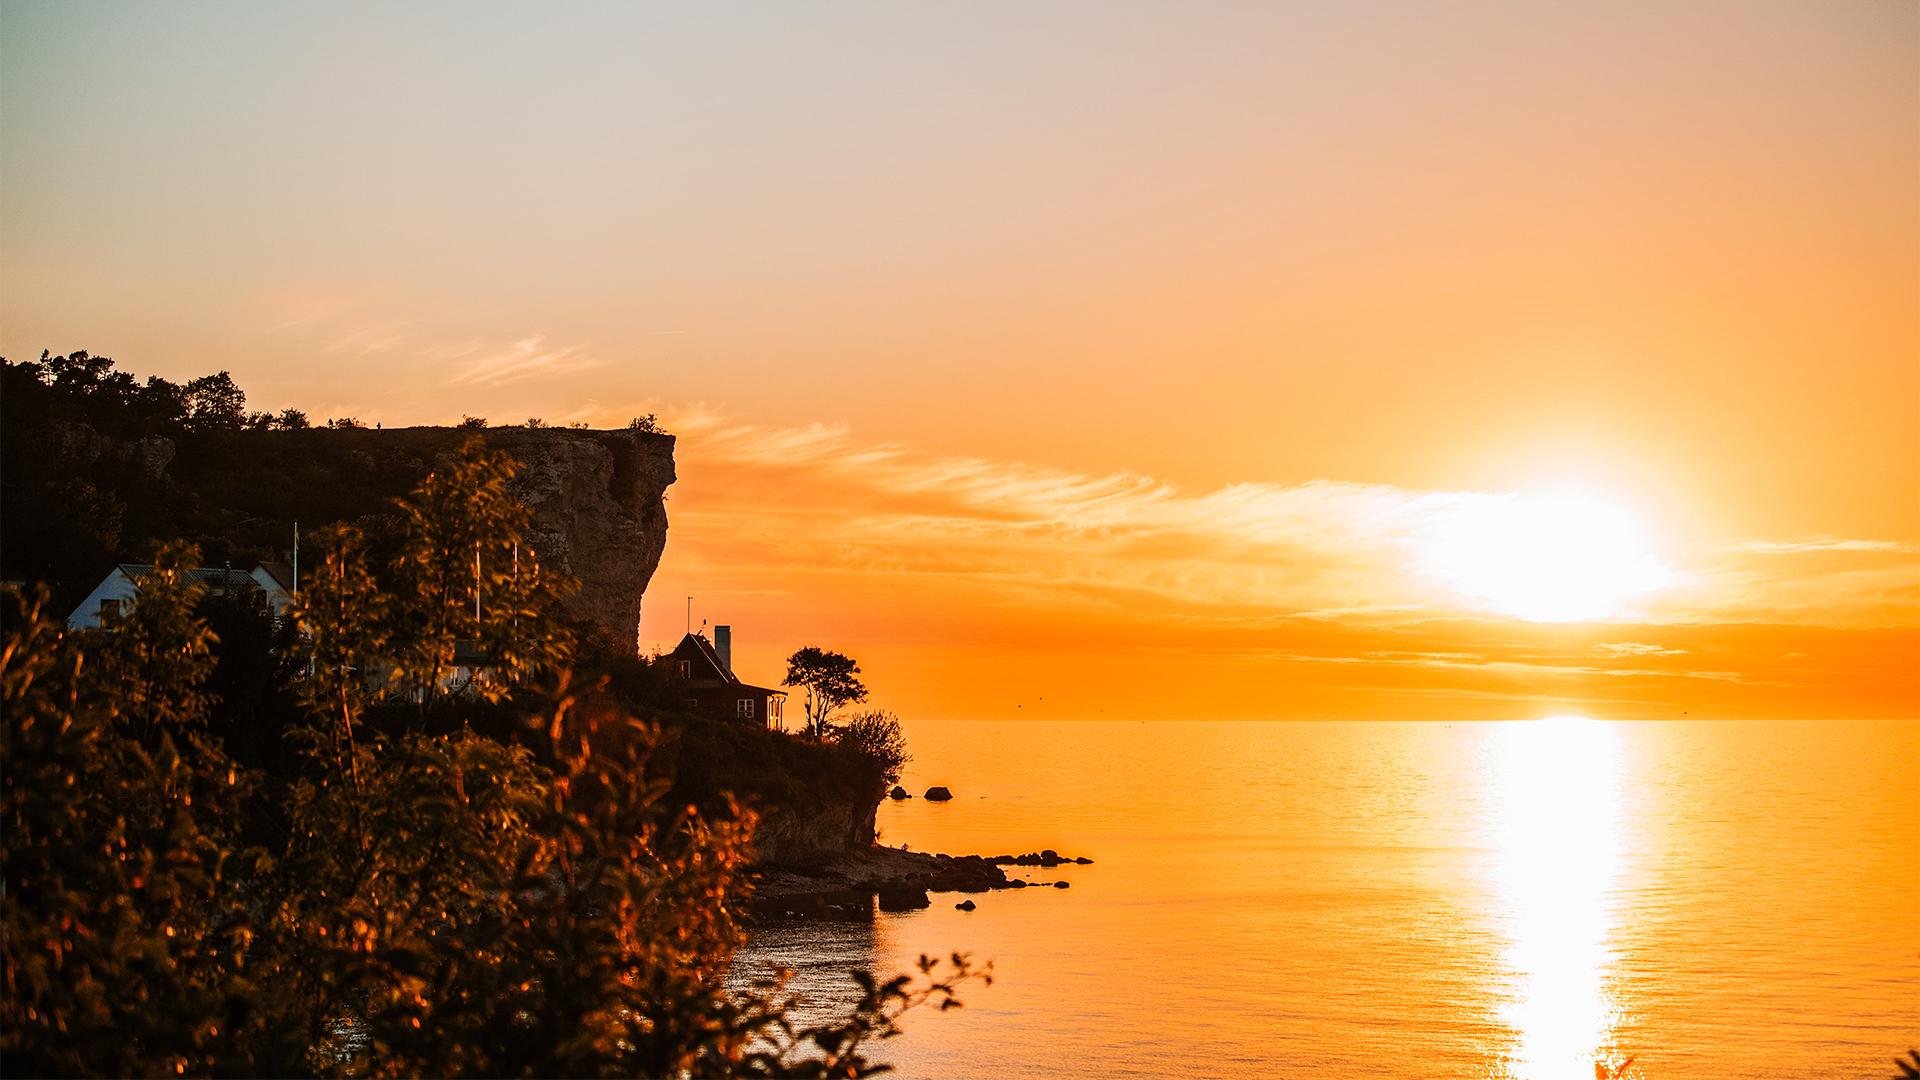 sunset_fullscreen